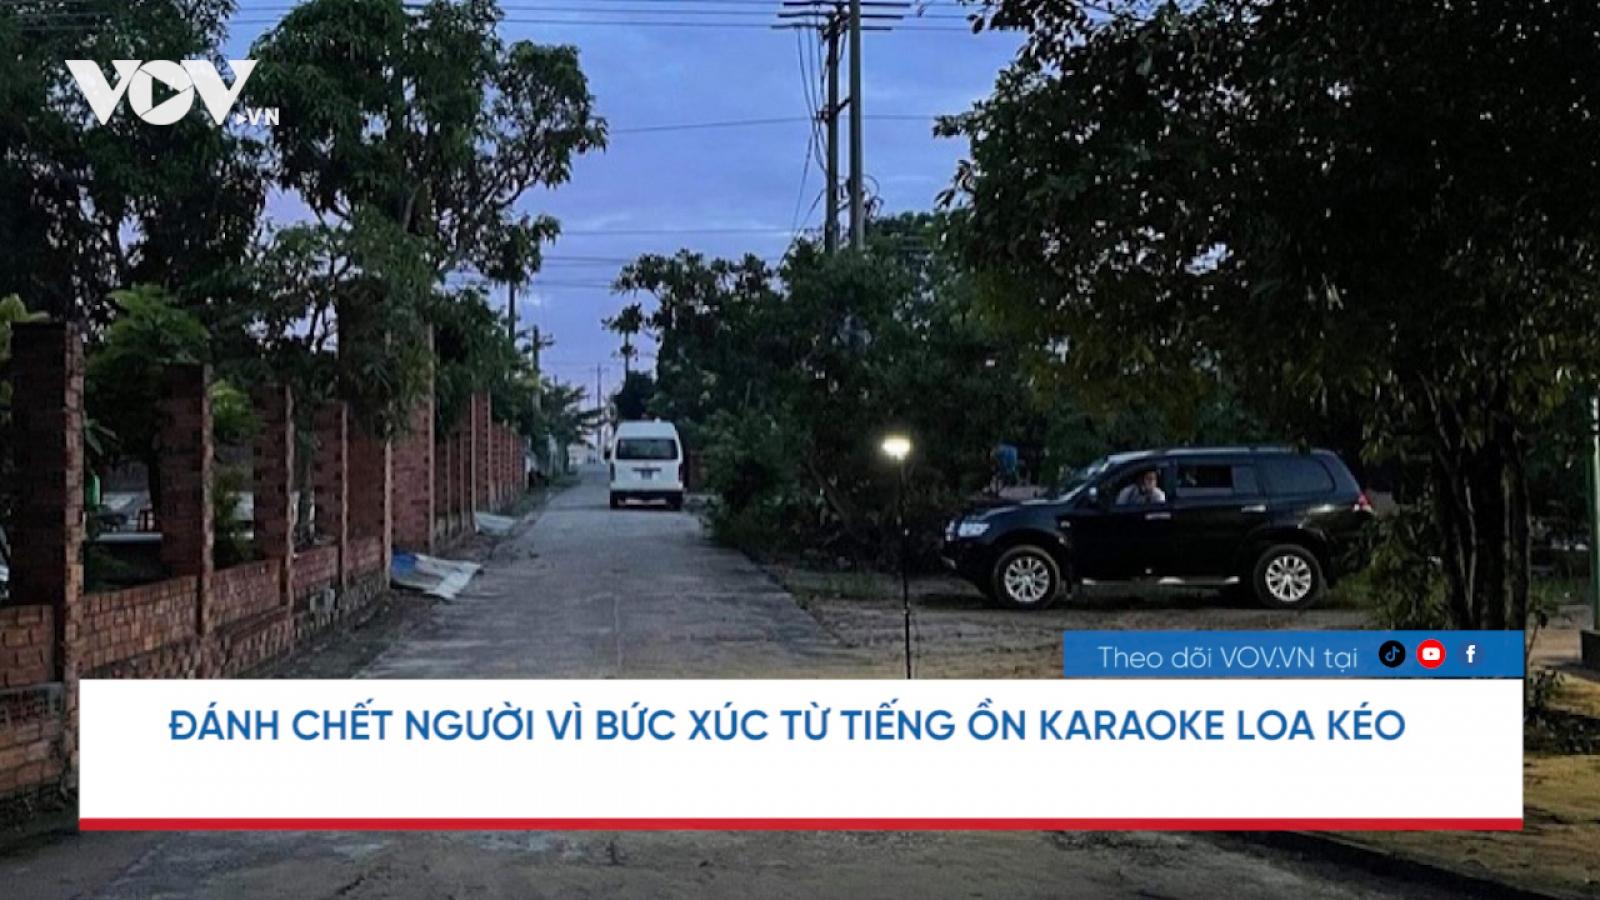 Nóng 24h: Án mạng từ bức xúc về tiếng ồn karaoke